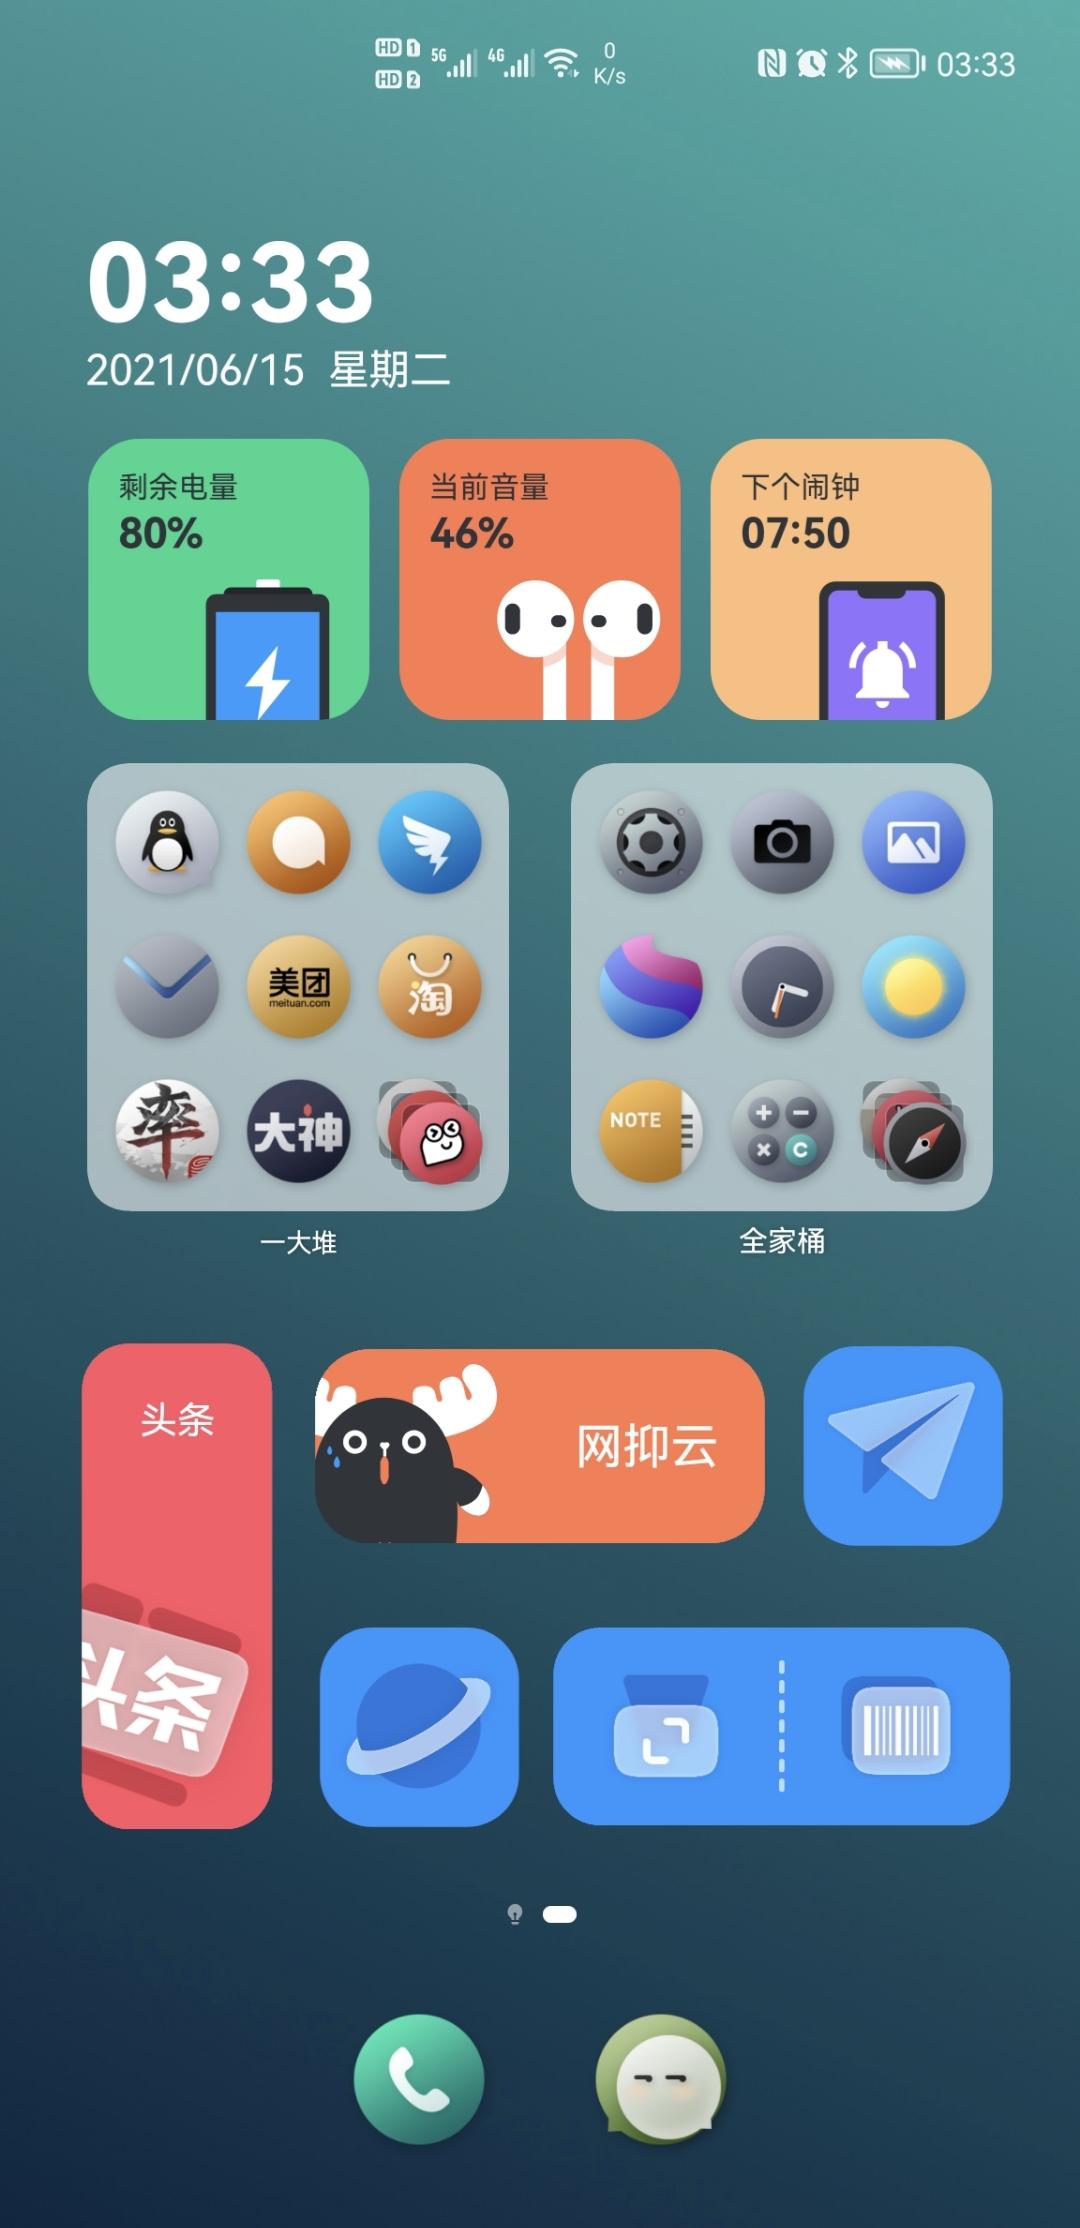 Screenshot_20210615_033332_com.huawei.android.launcher.jpg